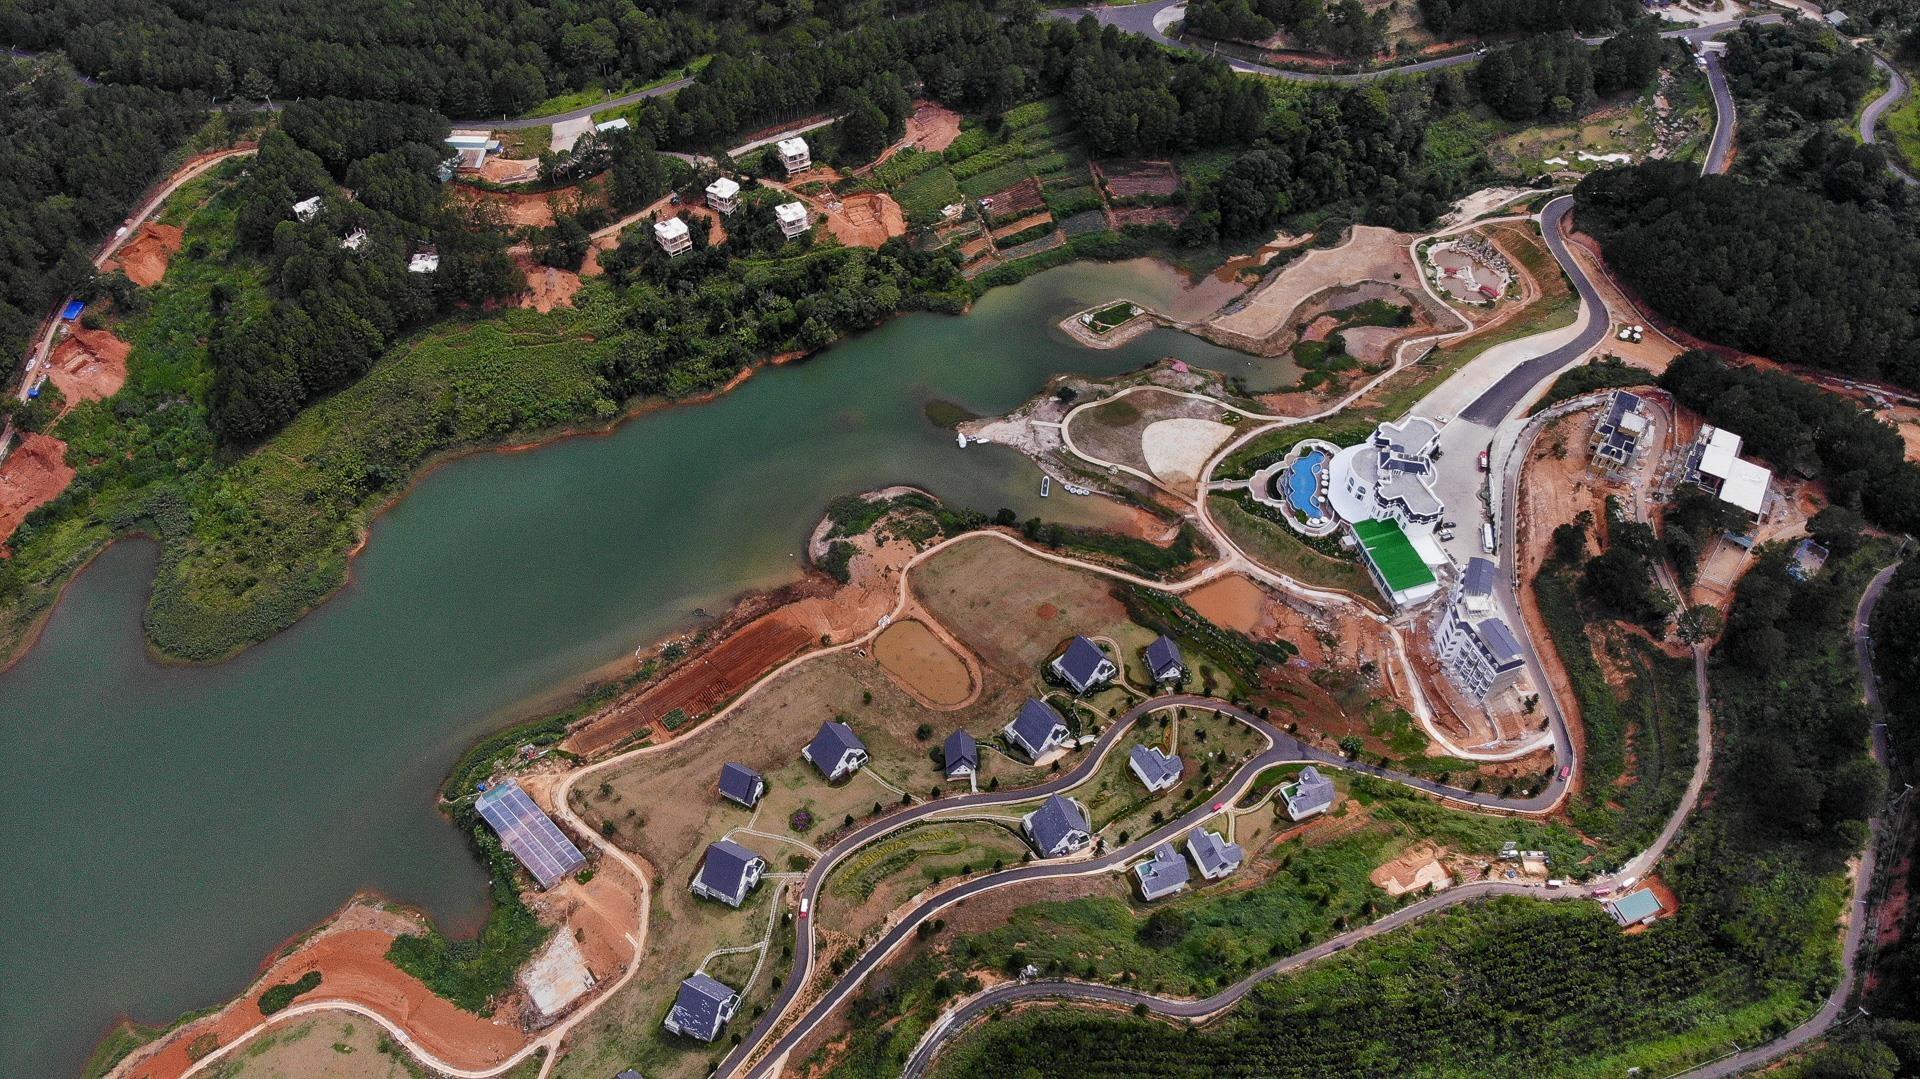 Nhiều dự án bất động sản sai phạm 'bao vây' hồ Tuyền Lâm ở Đà Lạt - Ảnh 4.